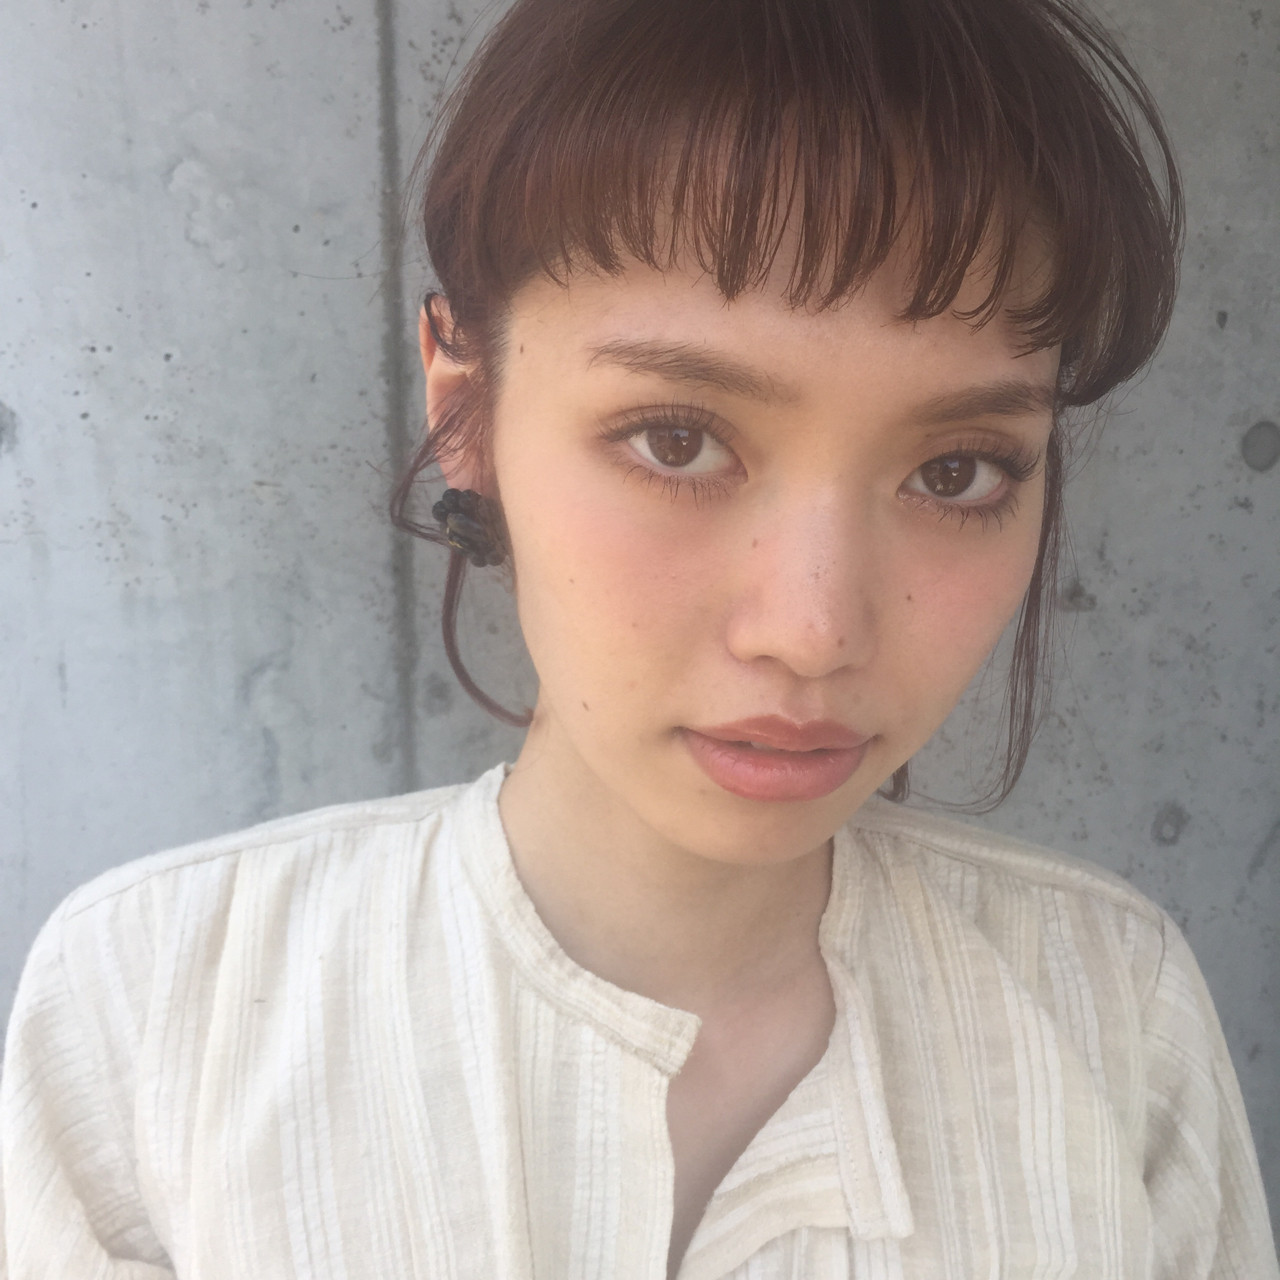 インナーカラー ヘアアレンジ 簡単ヘアアレンジ ミディアム ヘアスタイルや髪型の写真・画像 | 小西敬二郎 / Heartim